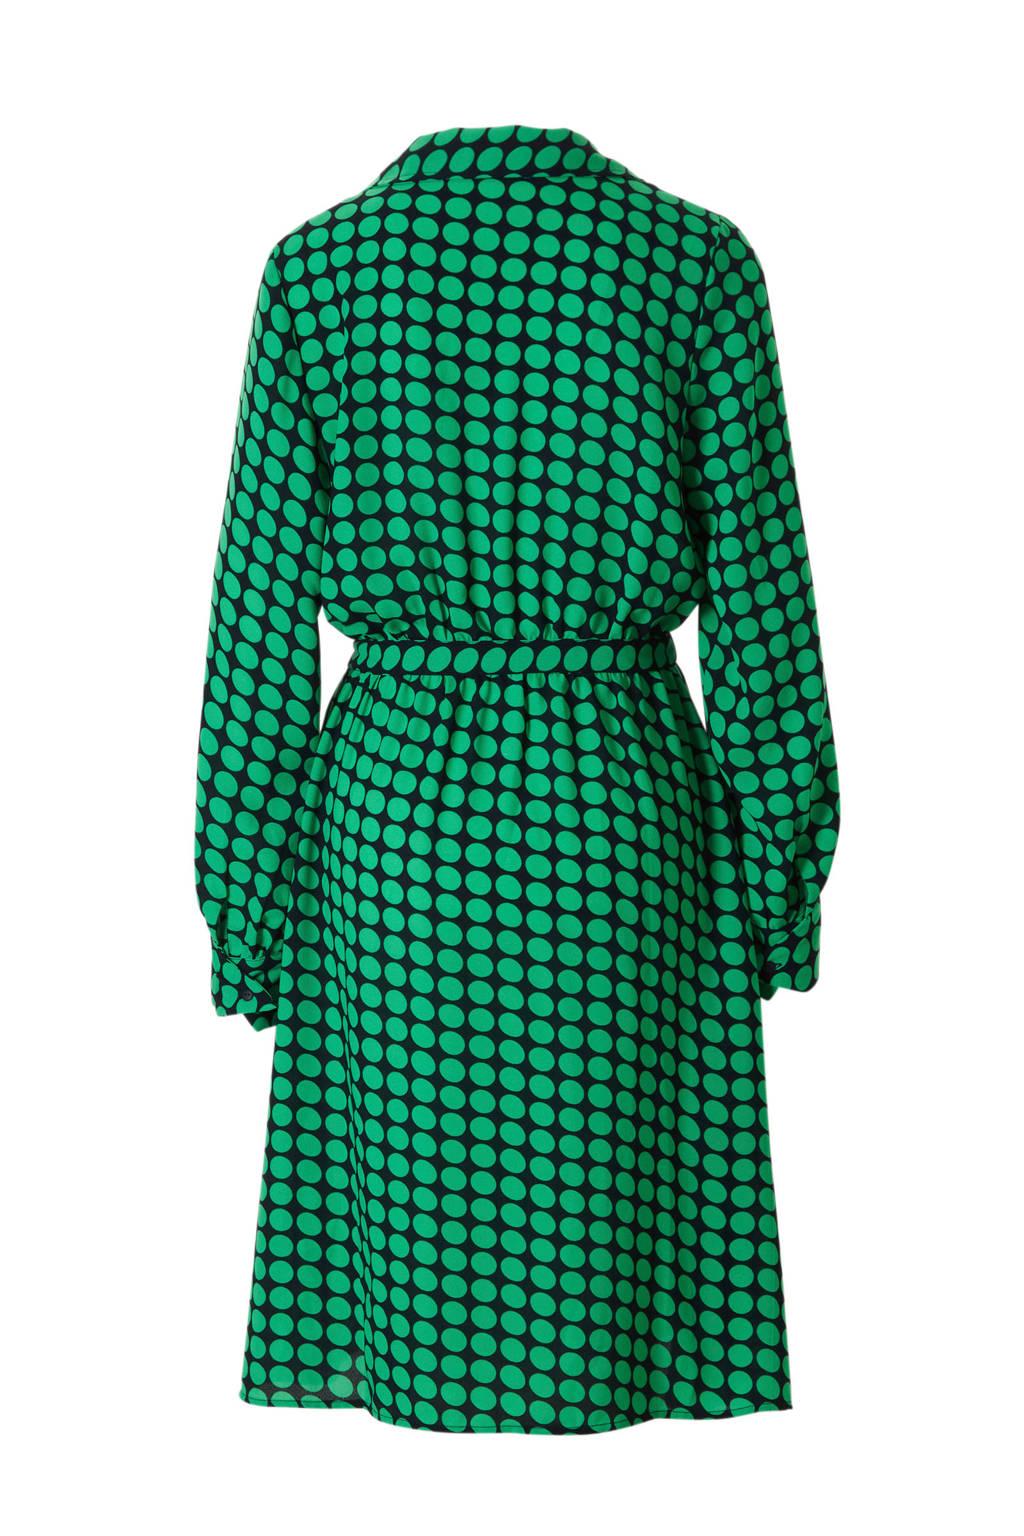 VERO MODA gestipte jurk met overslag, Groen/zwart